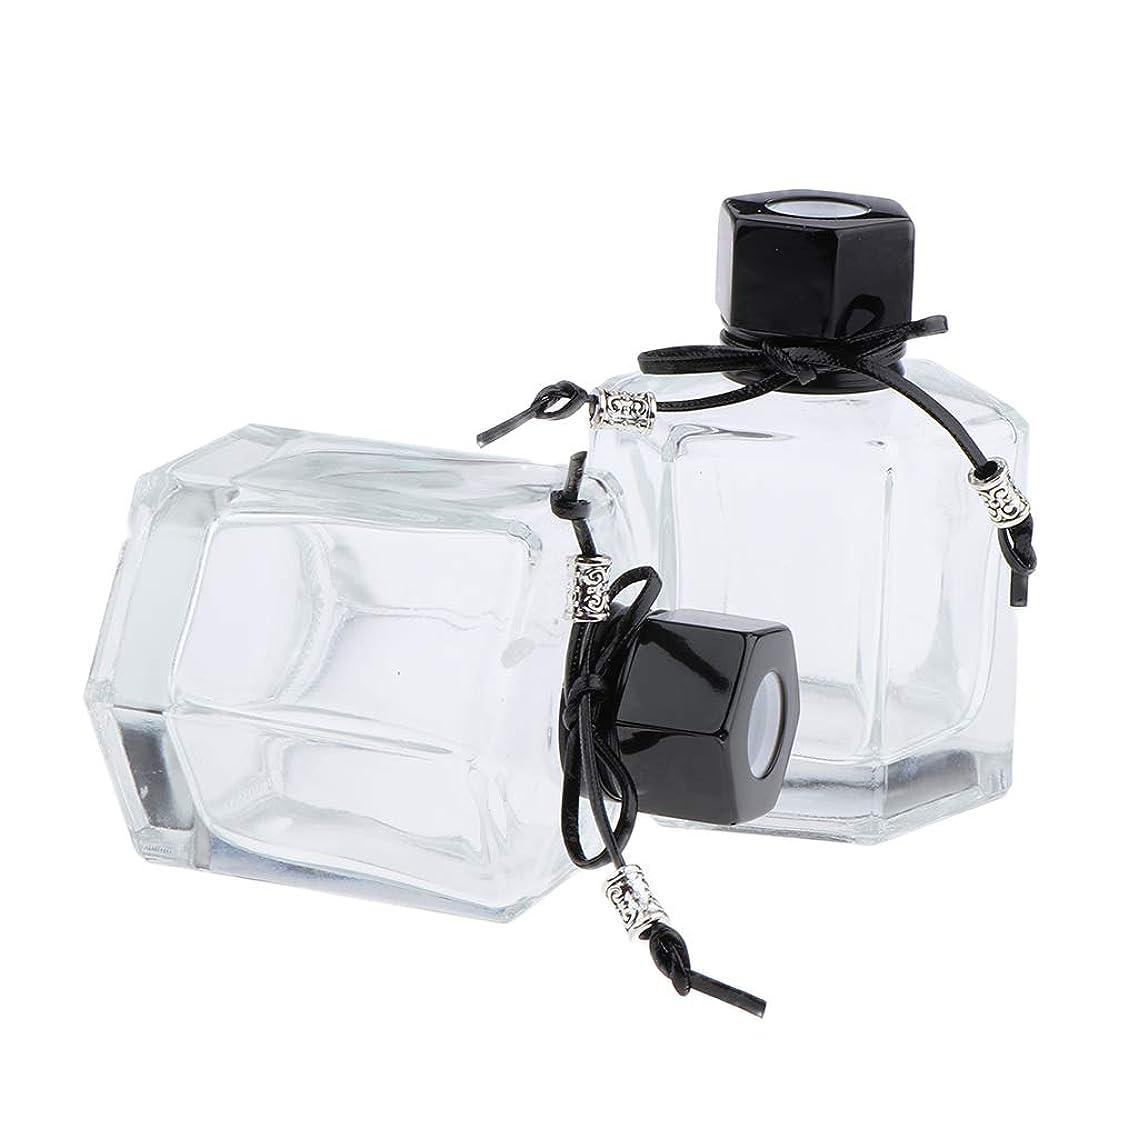 劇場ライセンスシャツIPOTCH 2個 香水ディフューザーボトル 六角形スクリューキャップ ガラス クリアボトル 2色選べ - ブラック